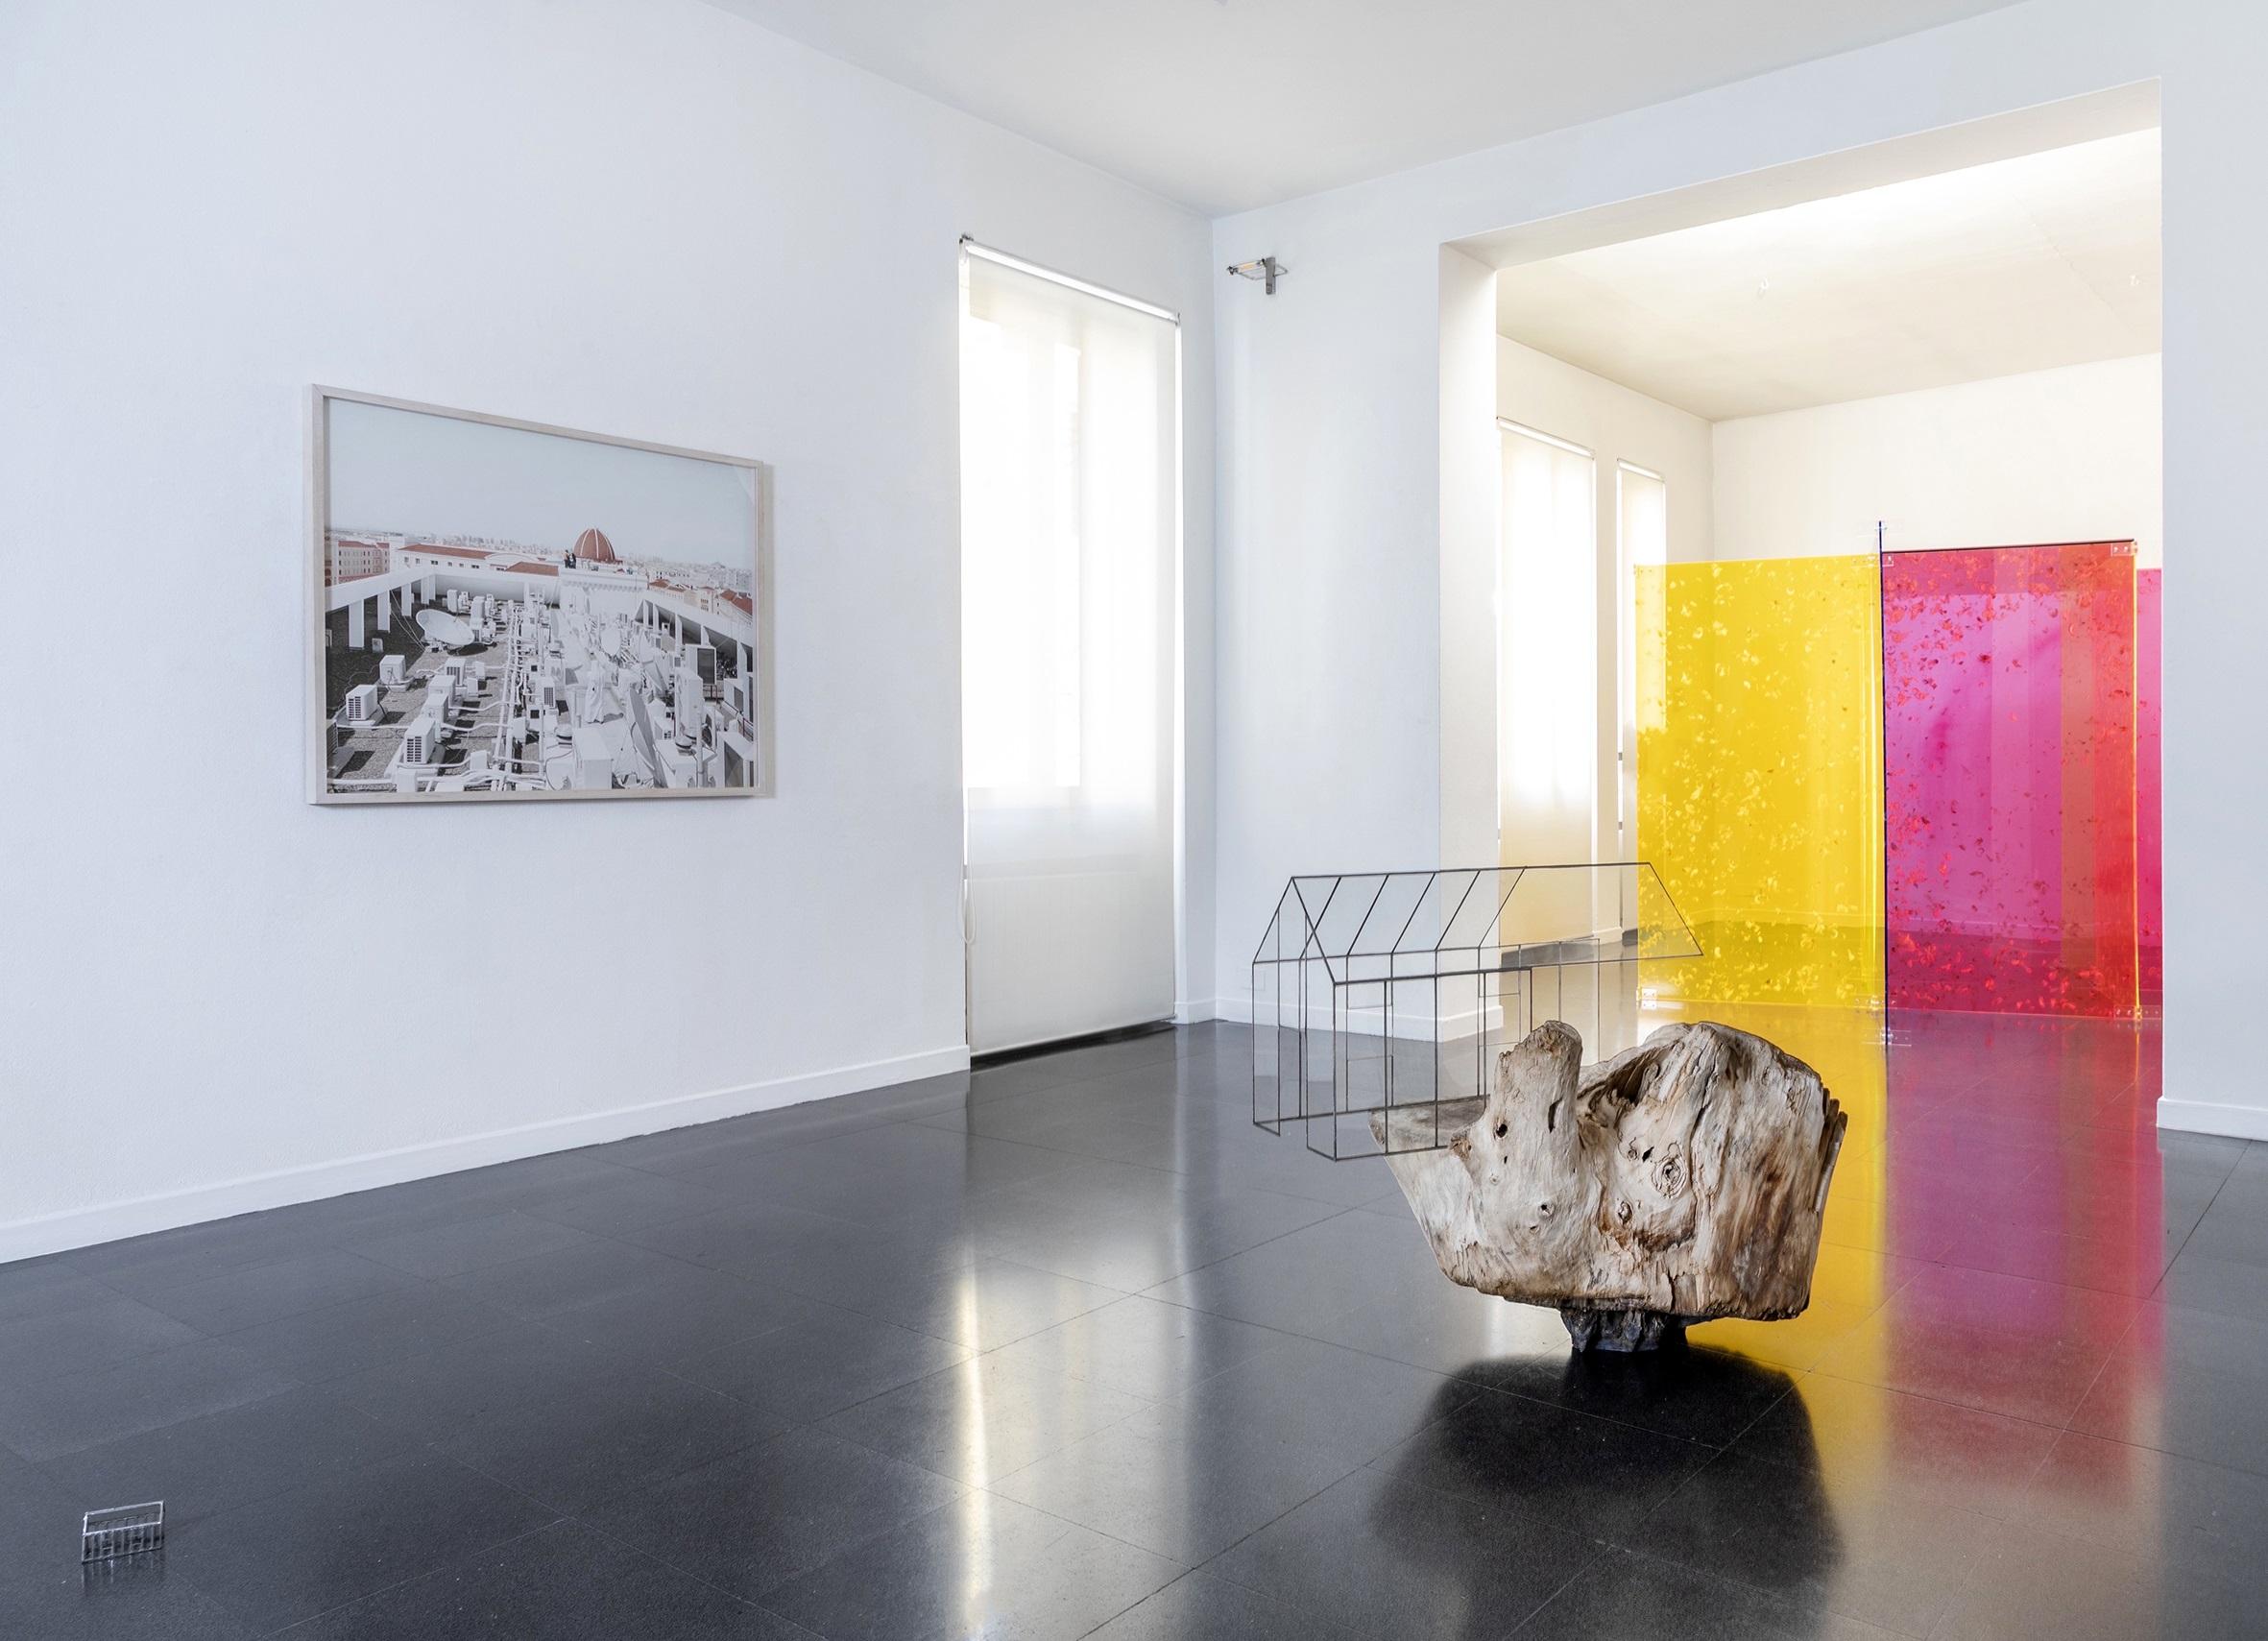 L'immagine mostra una sala bianca di una gallerie d'arte con al suo interno tre opere di tre diversi artisti (Francesco Jodice, Alfredo Pirri e Andrea Santarlasci)